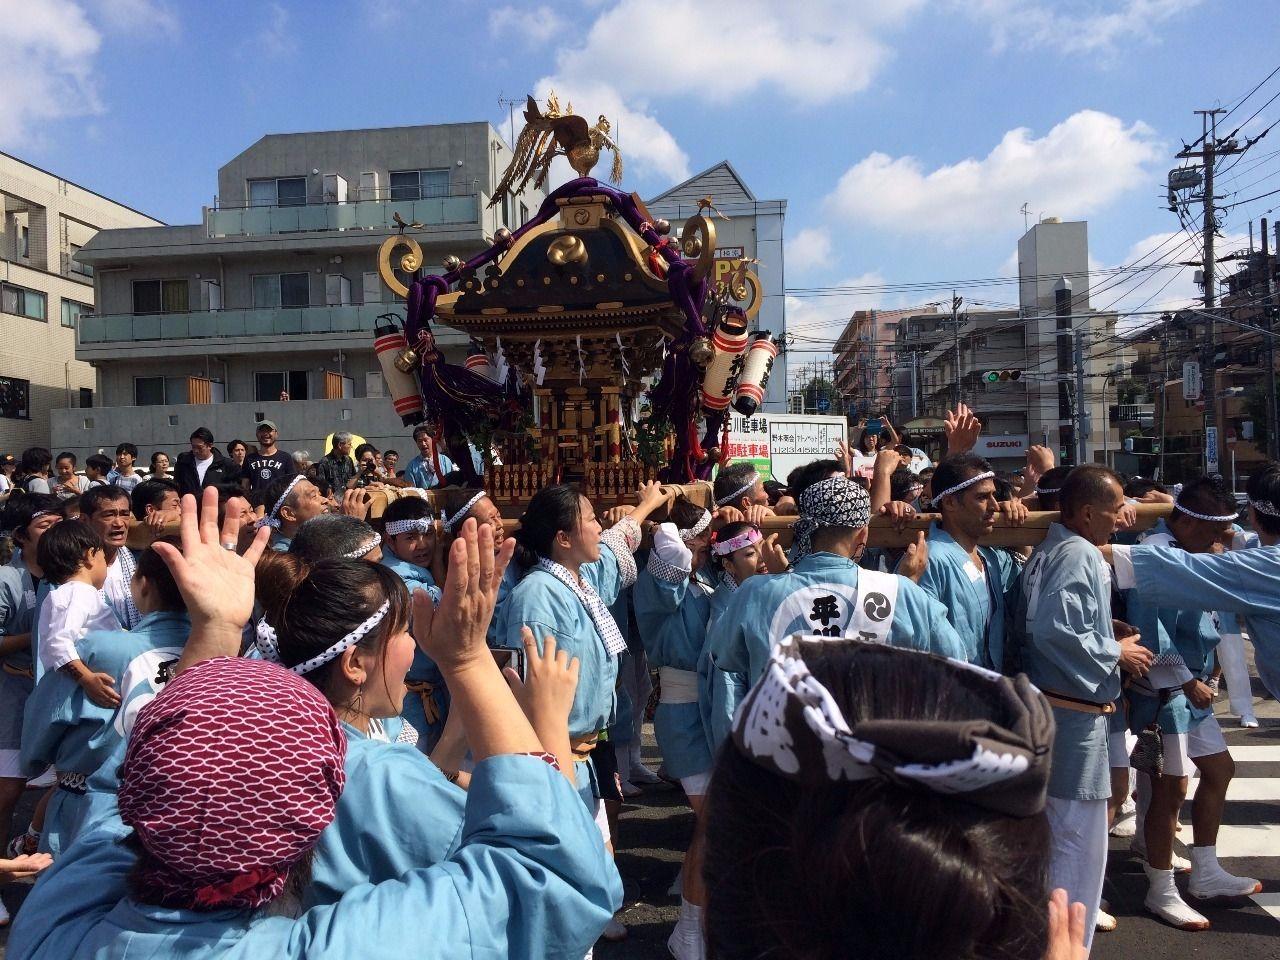 平川神社(横浜市青葉区美しが丘4丁目)の秋祭りの様子です。 神輿